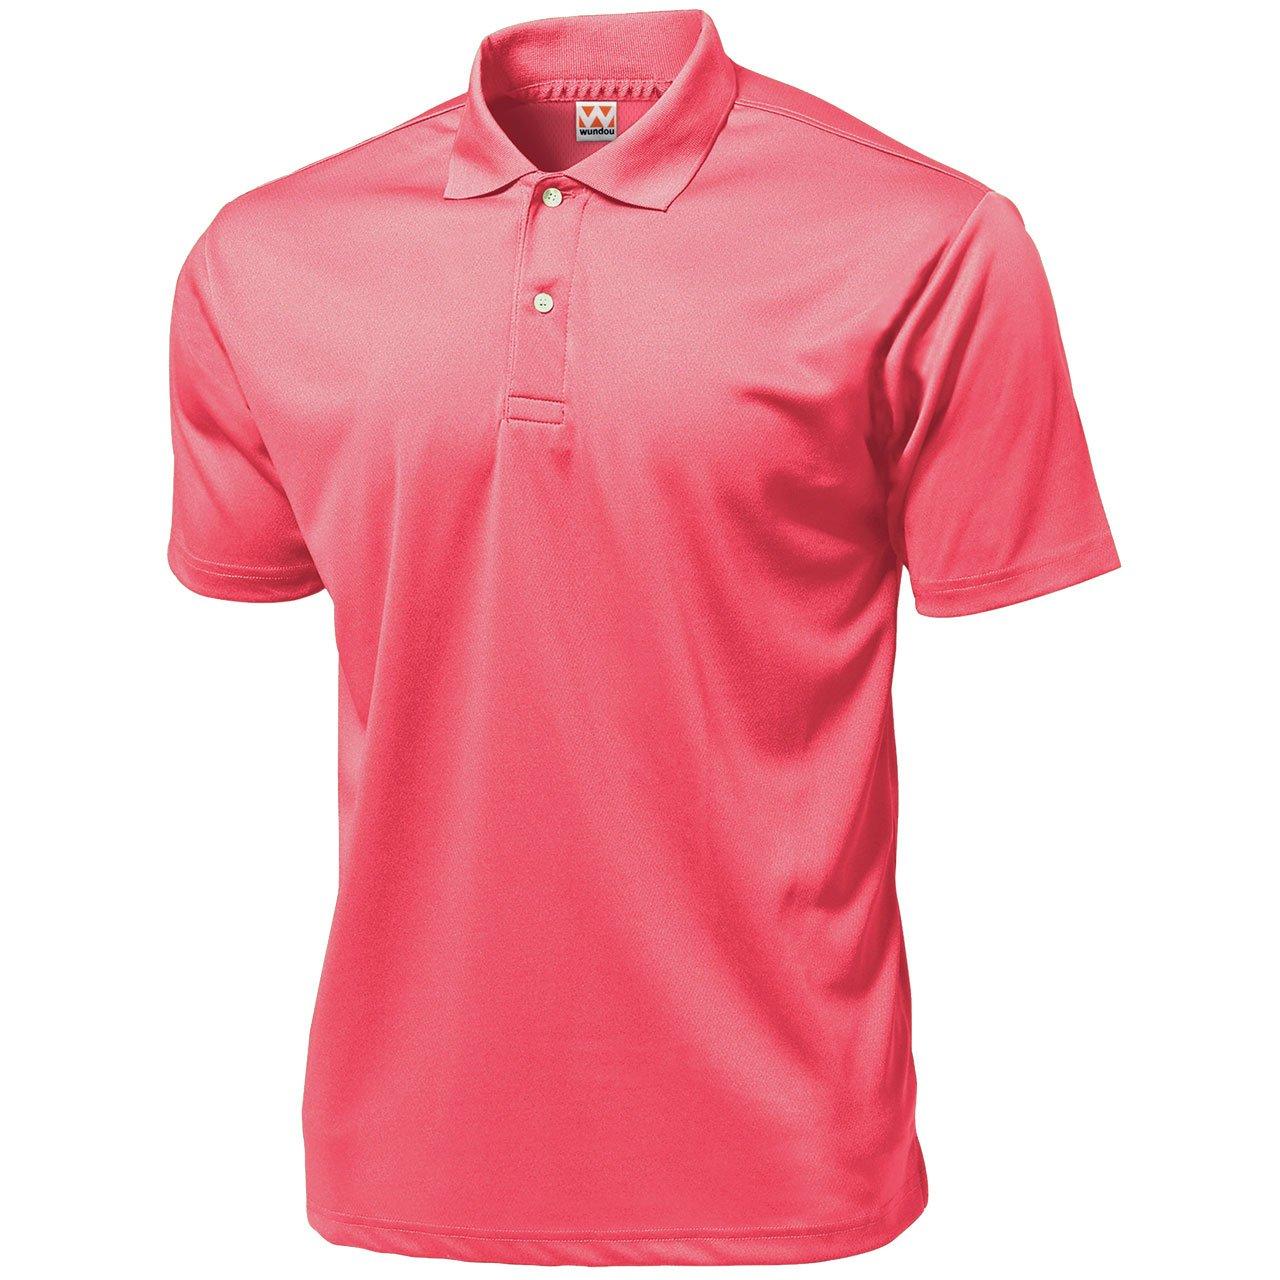 Wundou Boy's Sports Dry Light Polo-Shirts P335?130CM(51'')?Neon Pink by Wundou